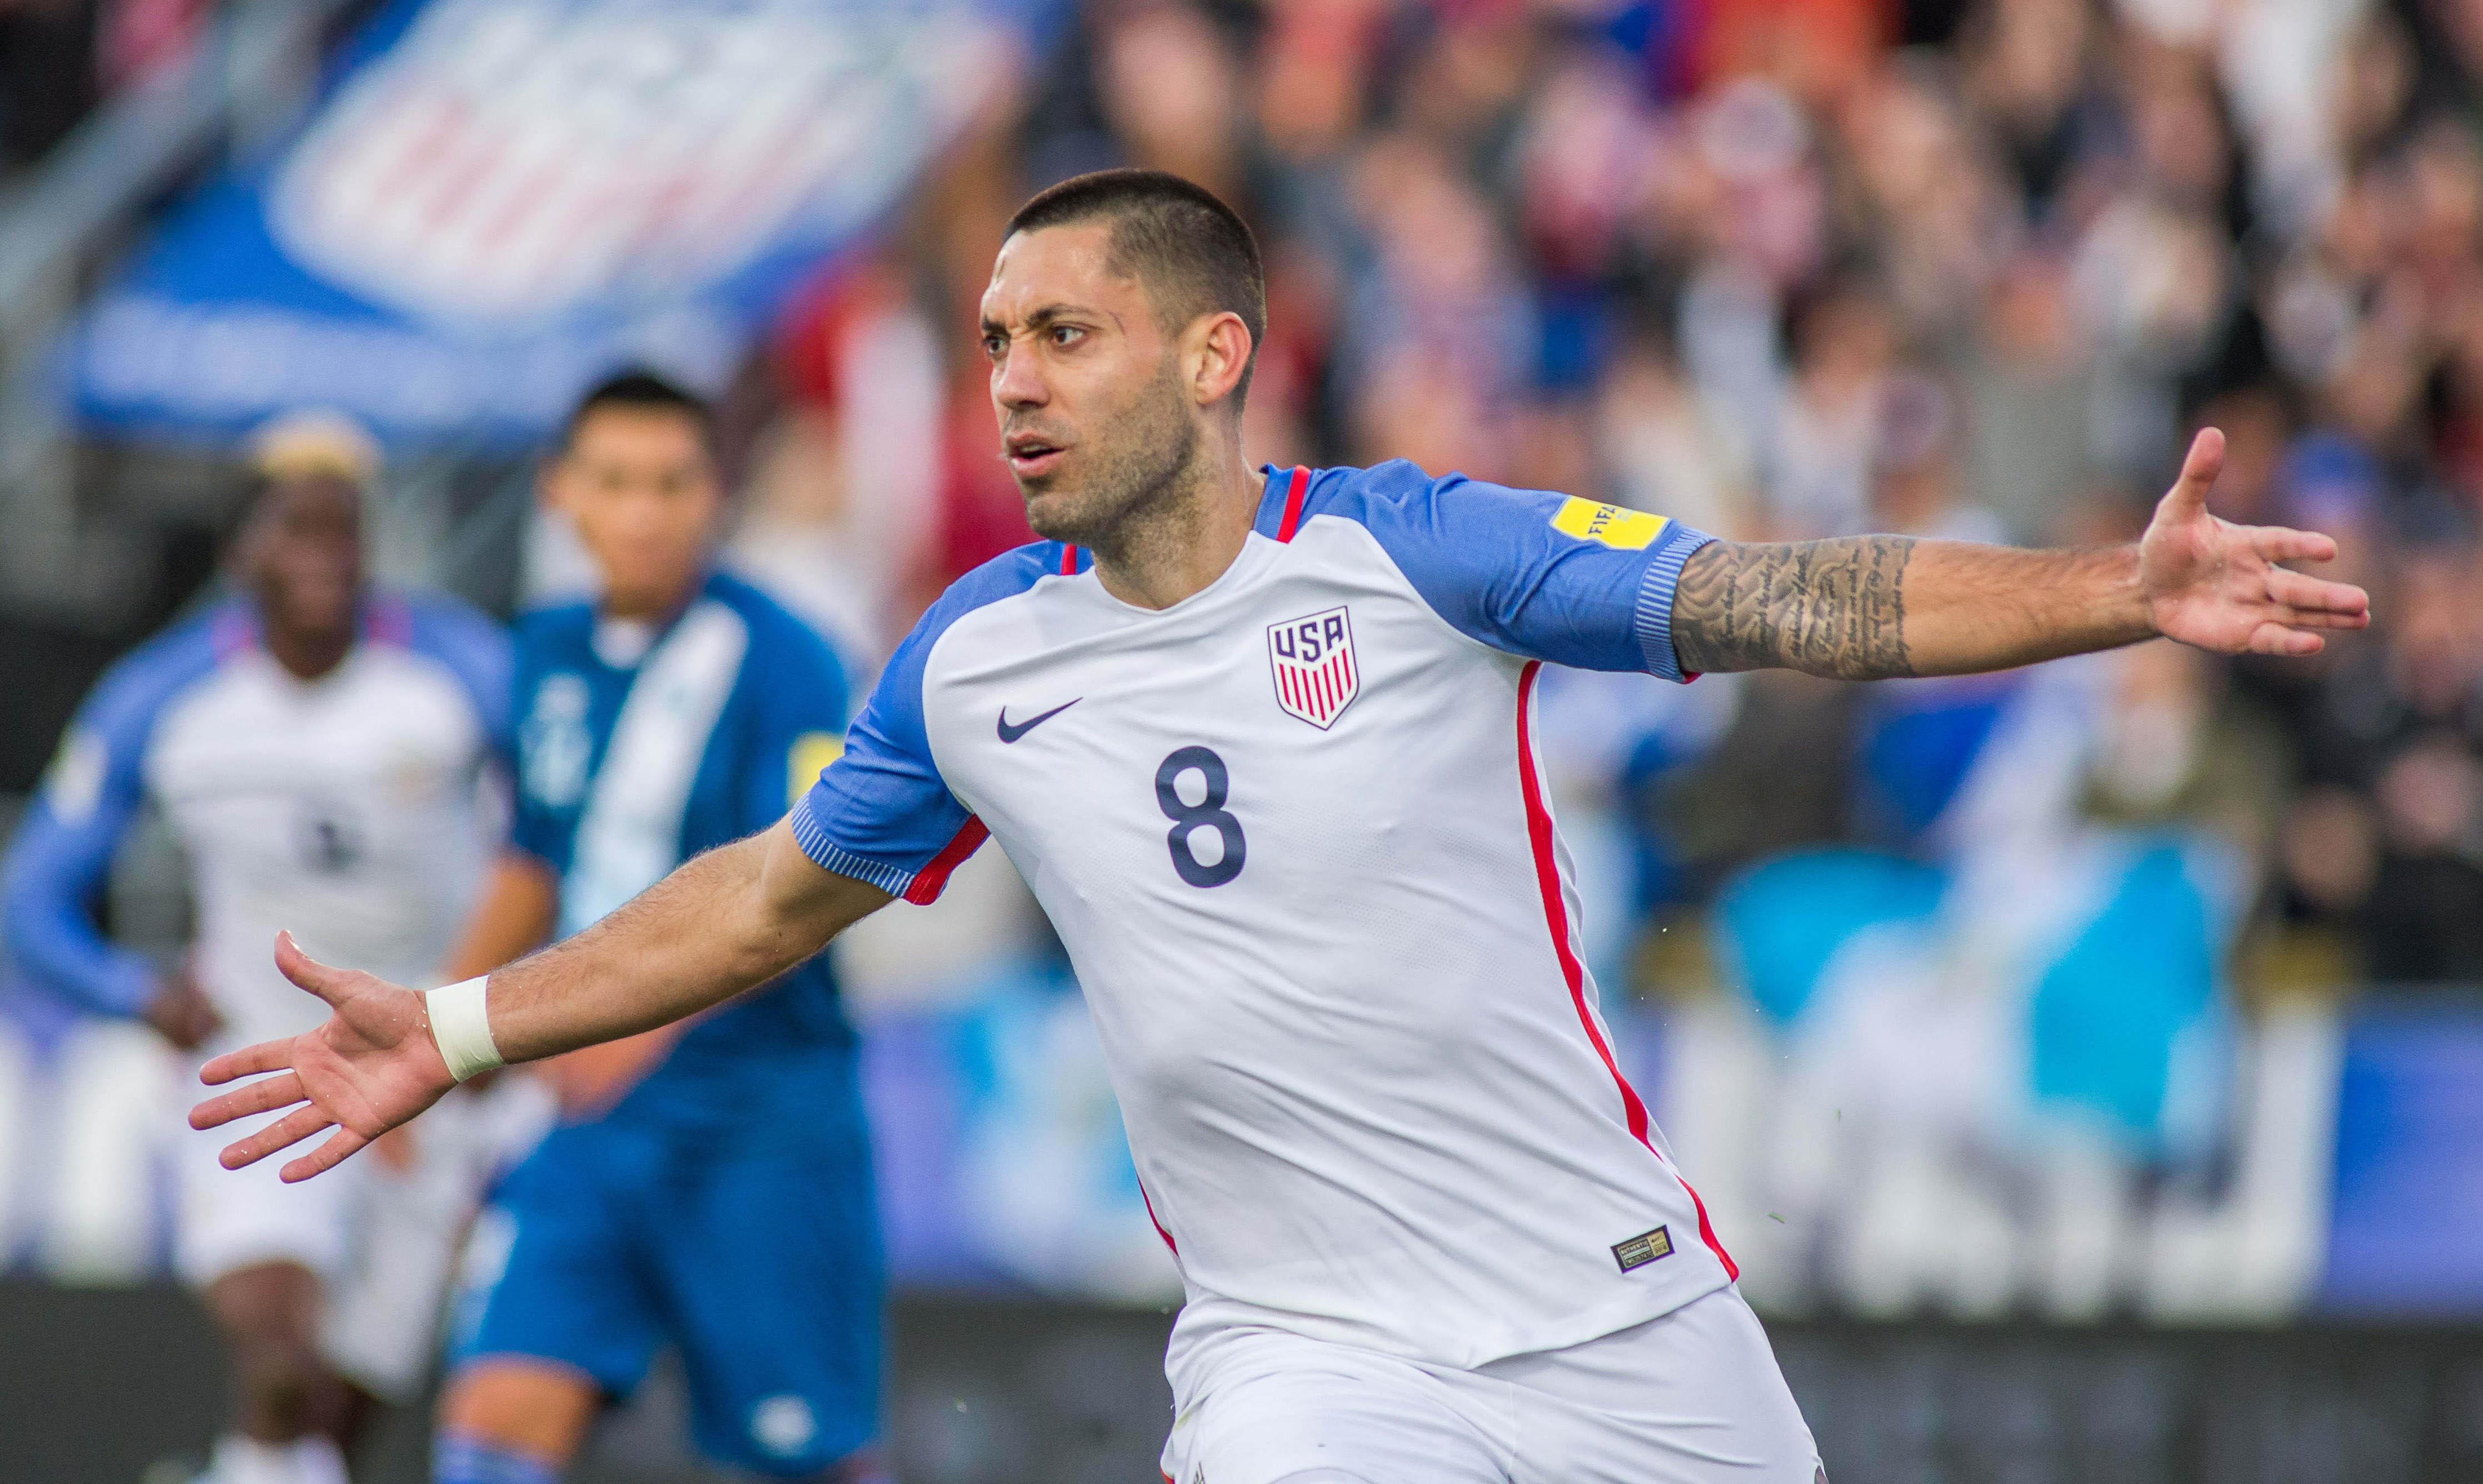 Photo by Trevor Ruszkowski/USA Today Sports